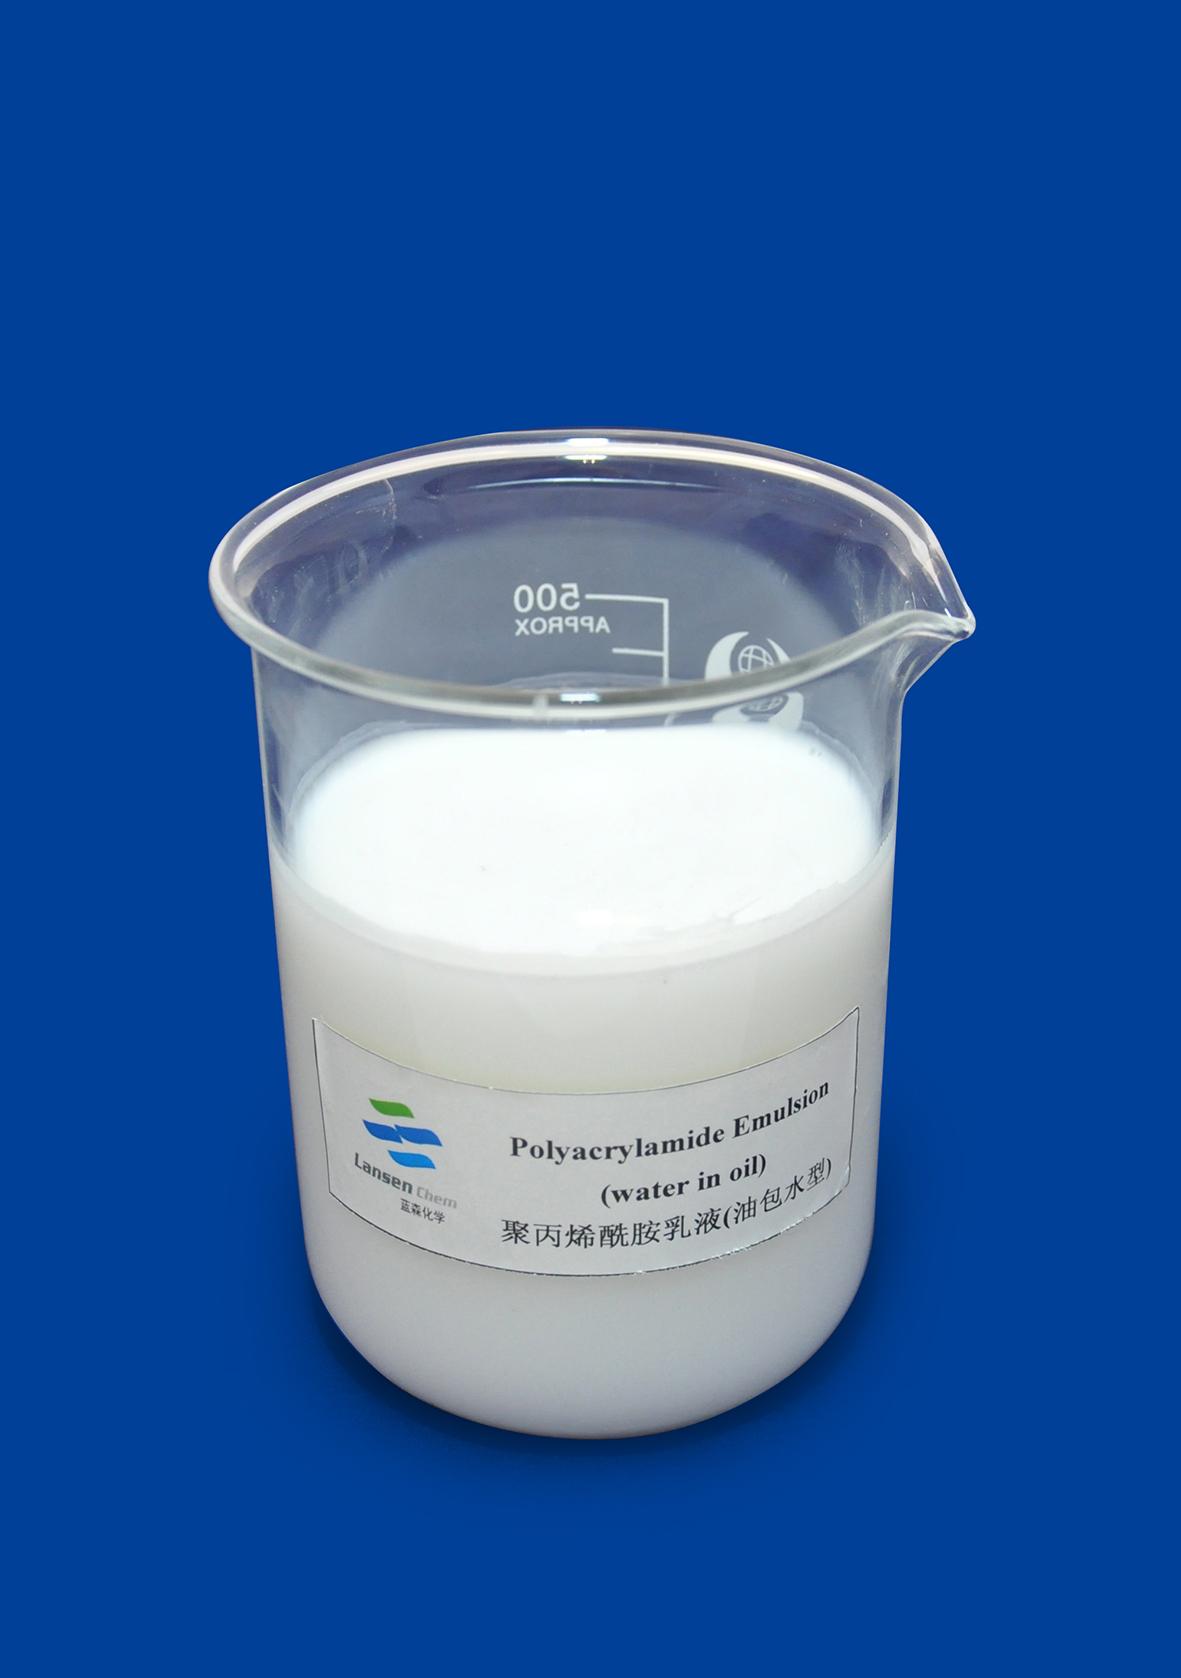 聚丙烯酰胺乳液.jpg